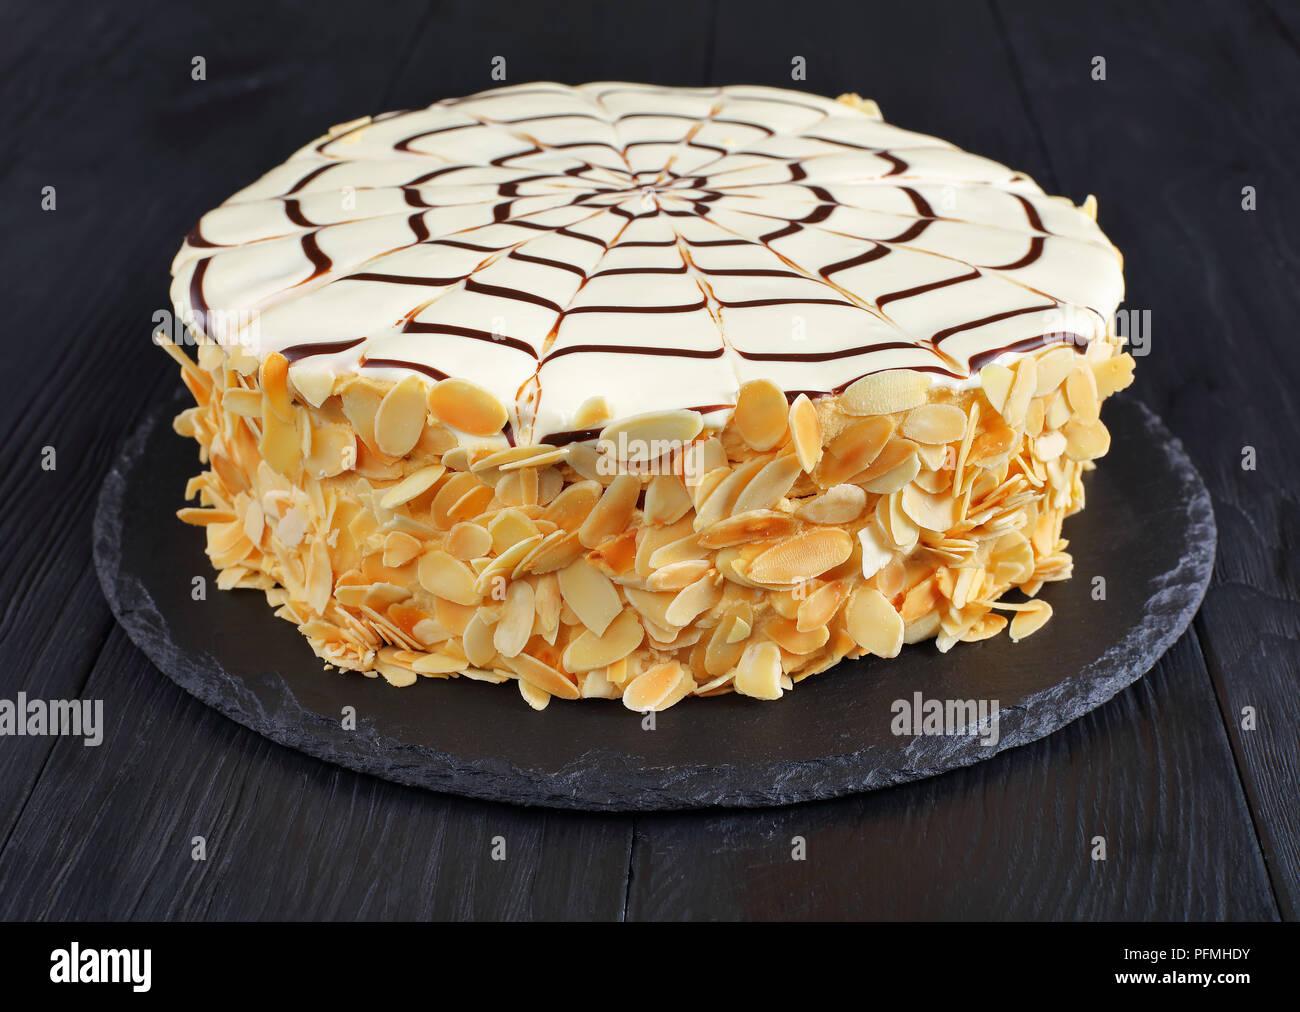 Tavolo Torta Bianco E Nero.Tutto Il Classico Esterhazy Torte E Decorato Con Cioccolato